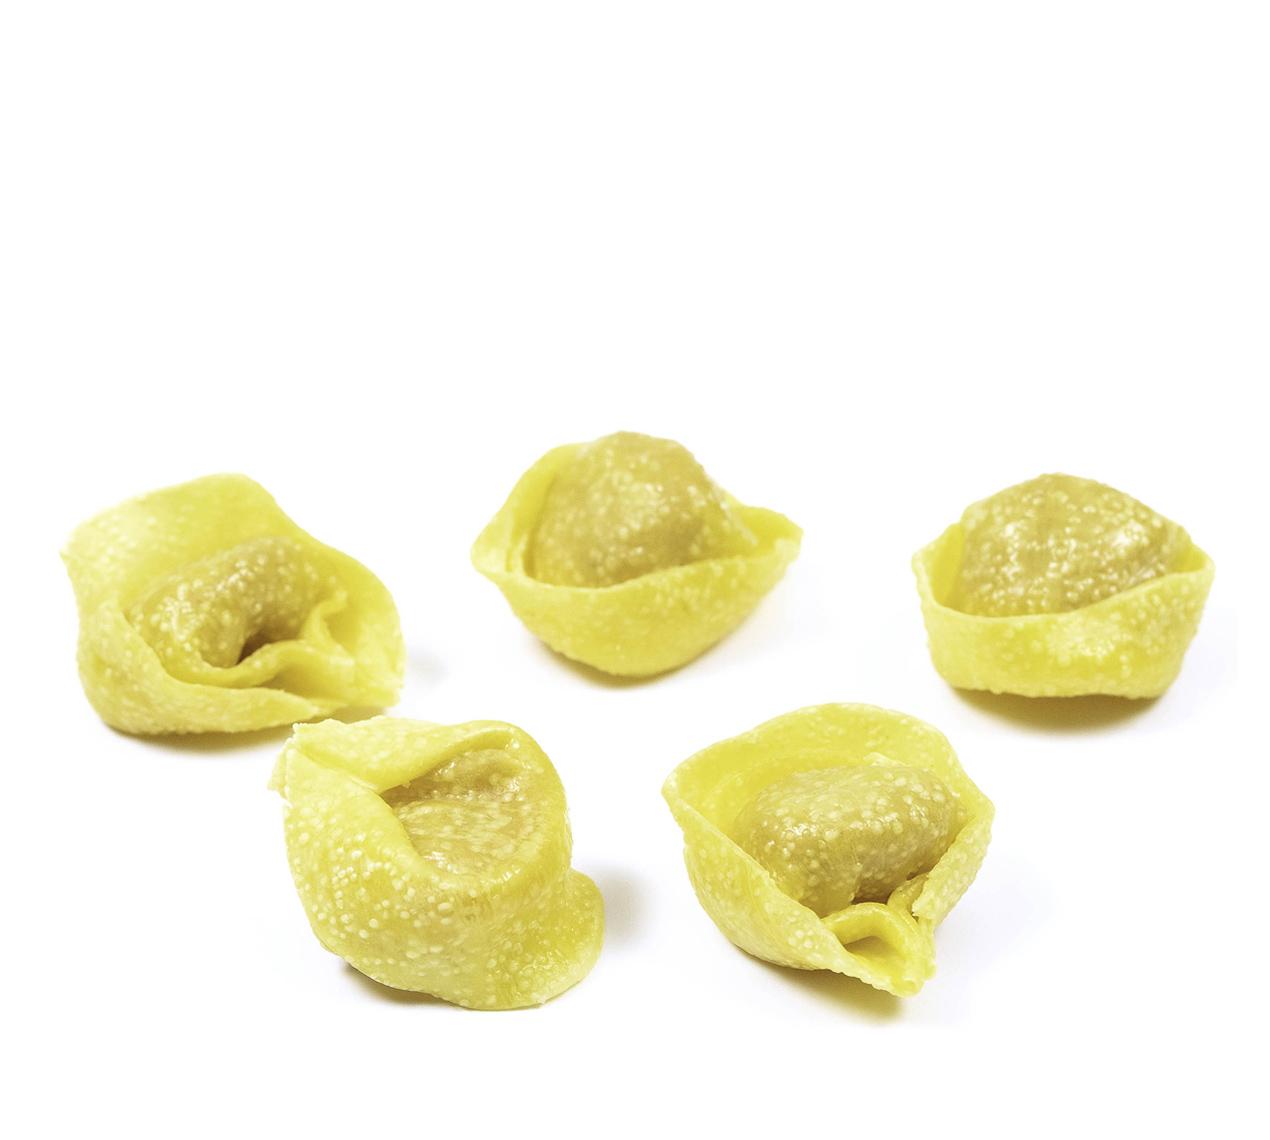 Pastificio_La_Fenice_pasta_fresca_pasta_surgelata_tortellini_bolognesi